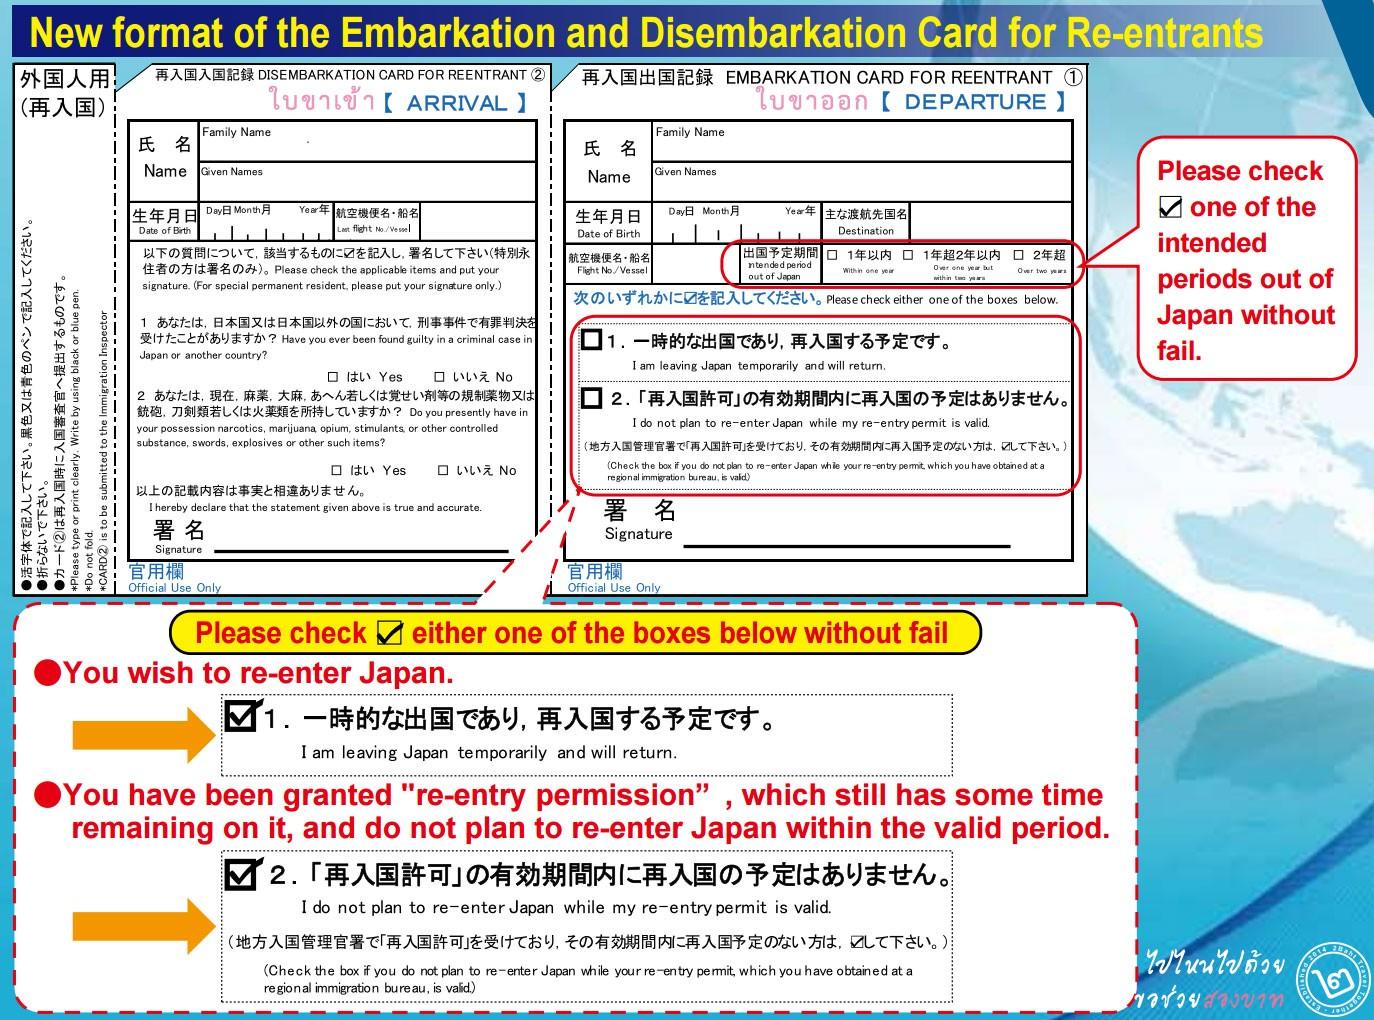 ใบ ตม. ขาเข้า-ออก ญี่ปุ่นแบบใหม่ (Re-Entry) สำหรับชาวต่างชาติที่ขอวีซ่าพำนักญี่ปุ่นเป็นเวลานาน อาทิ นักศึกษา พนักงาน